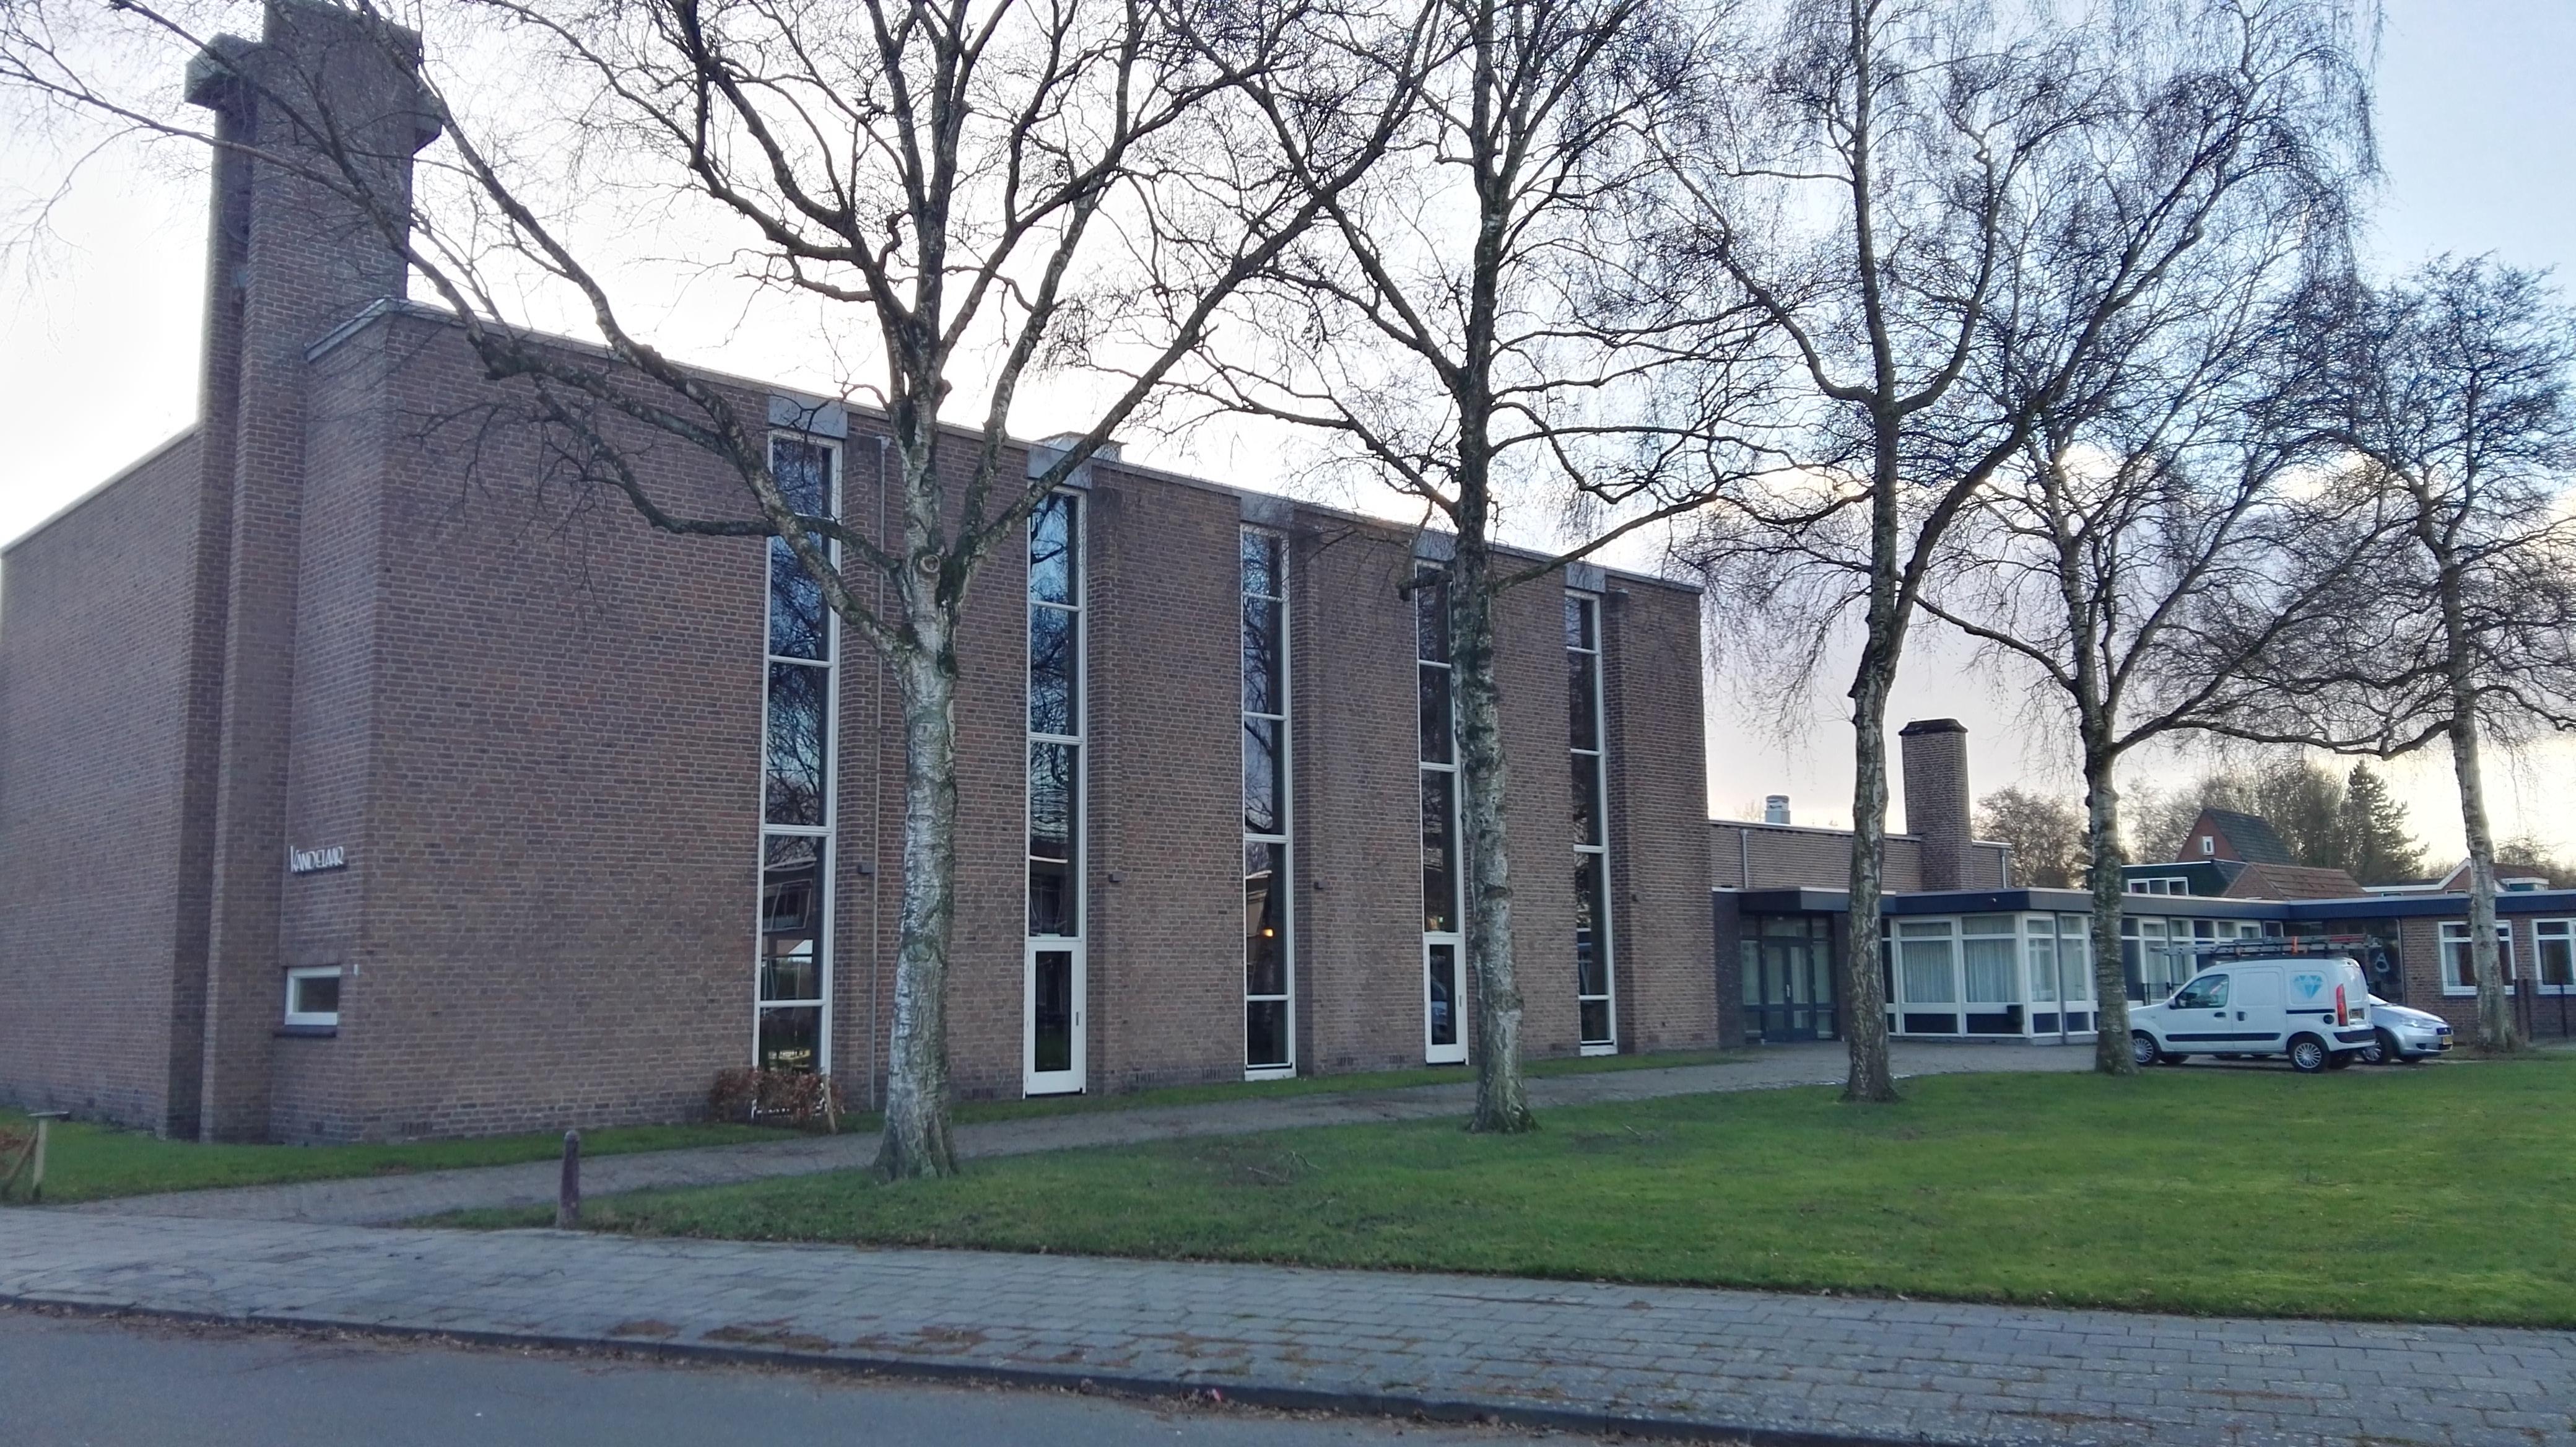 CGKv de Kandelaar, Veendam